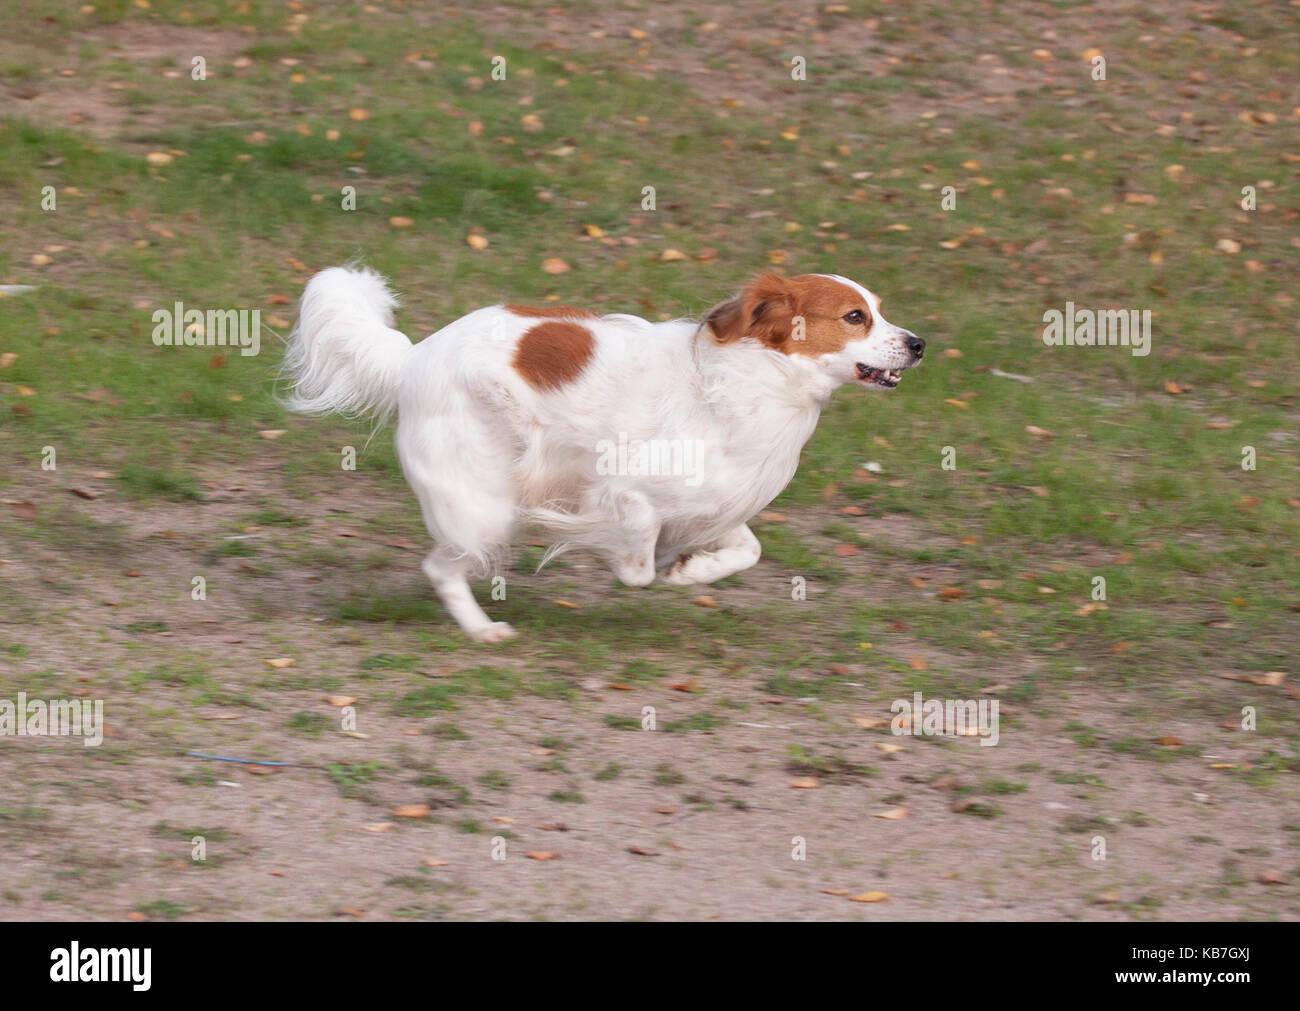 Il kooikerhondje 2017 è una spaniel tipo di cane di ascendenza olandese Immagini Stock